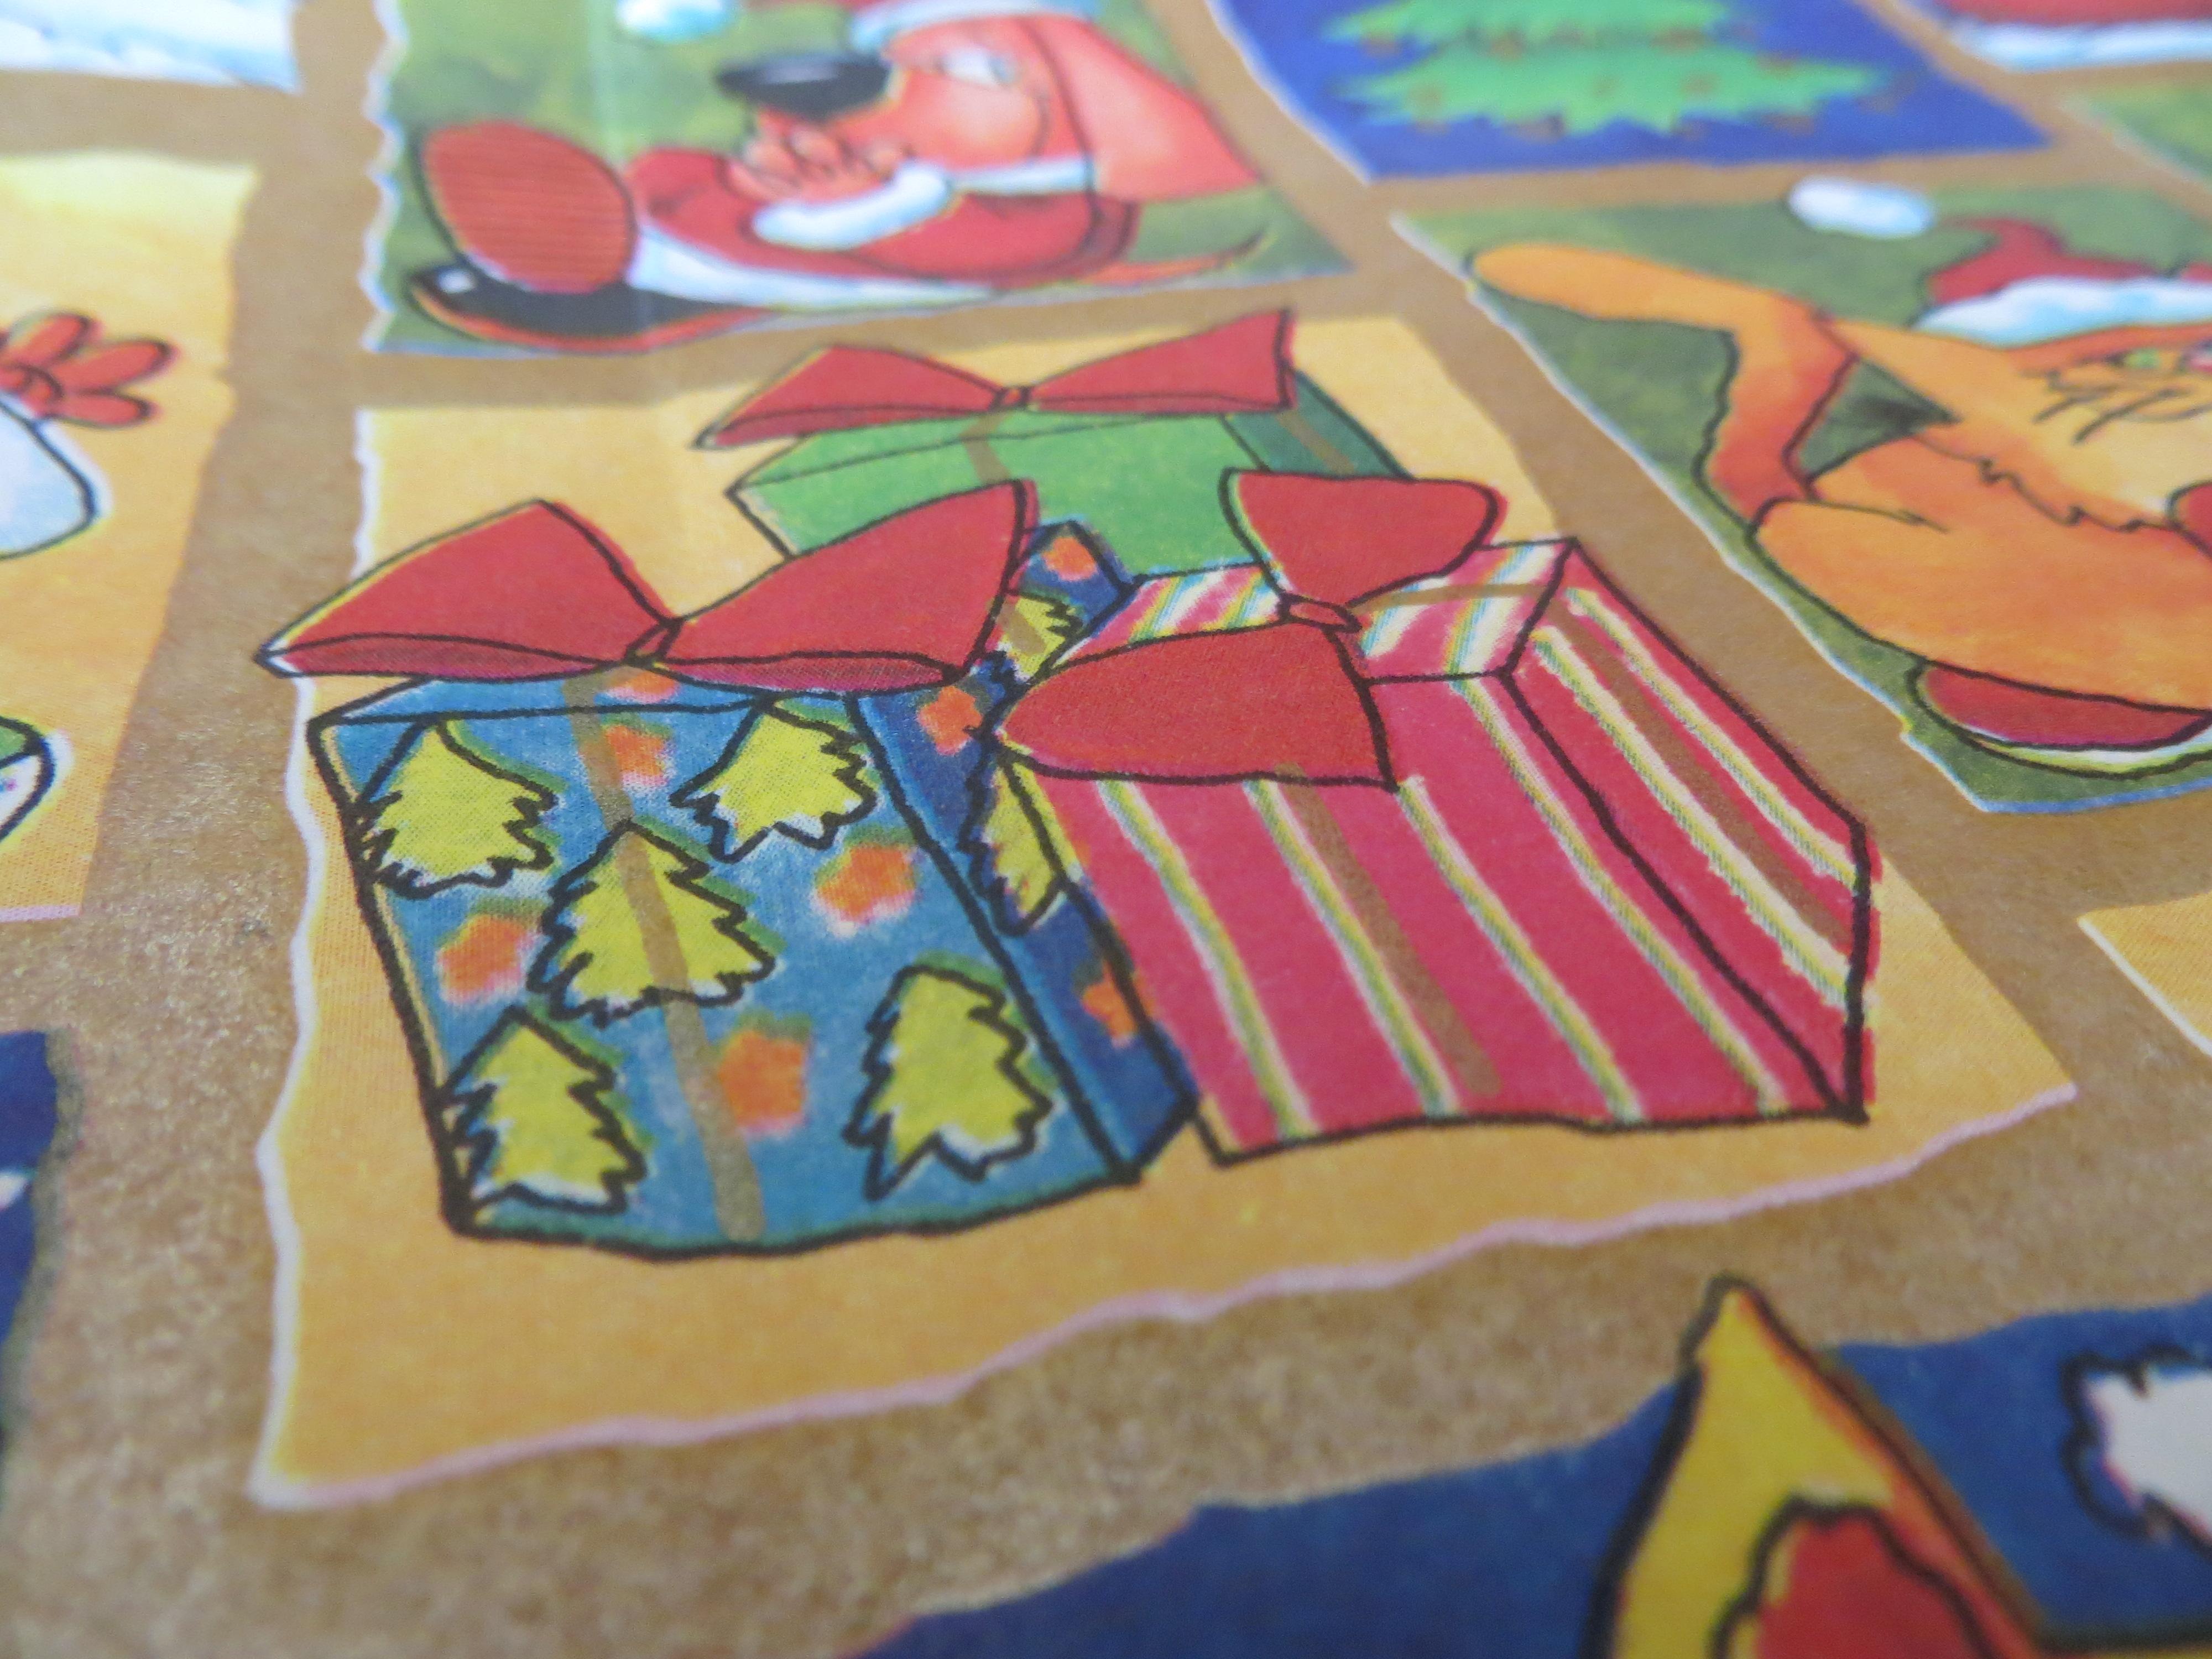 Giochi per bambini da 0 a 1 anno  L' ARTE TI FA CRESCERE